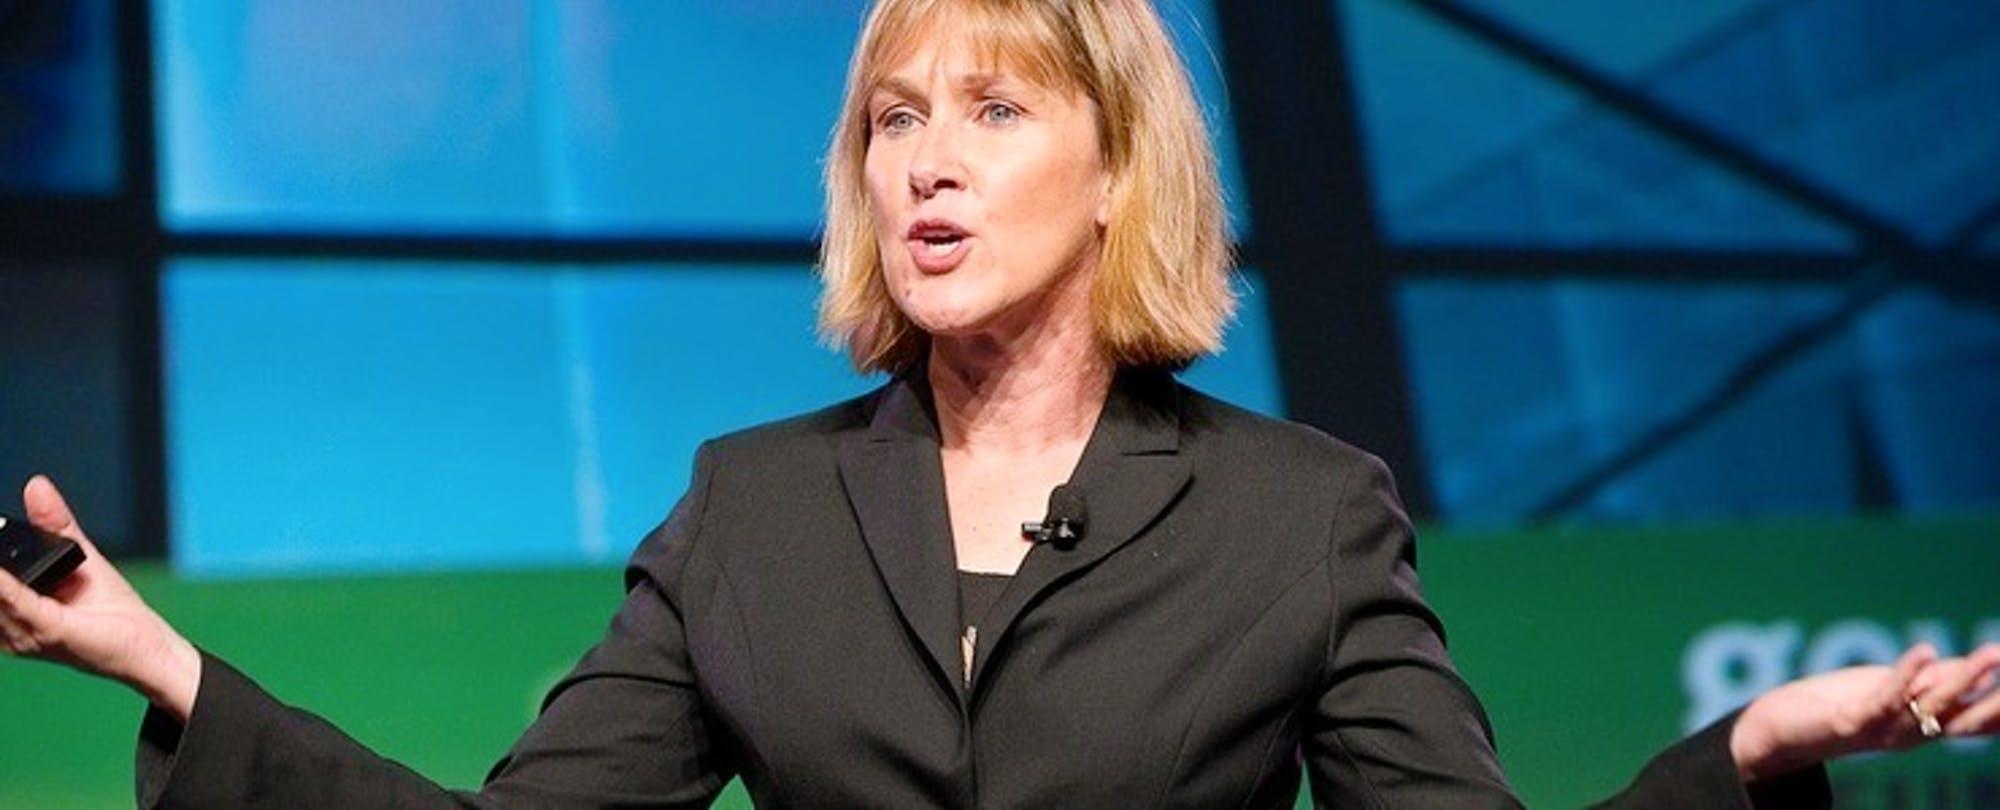 Karen Cator to Take CEO Job at Digital Promise